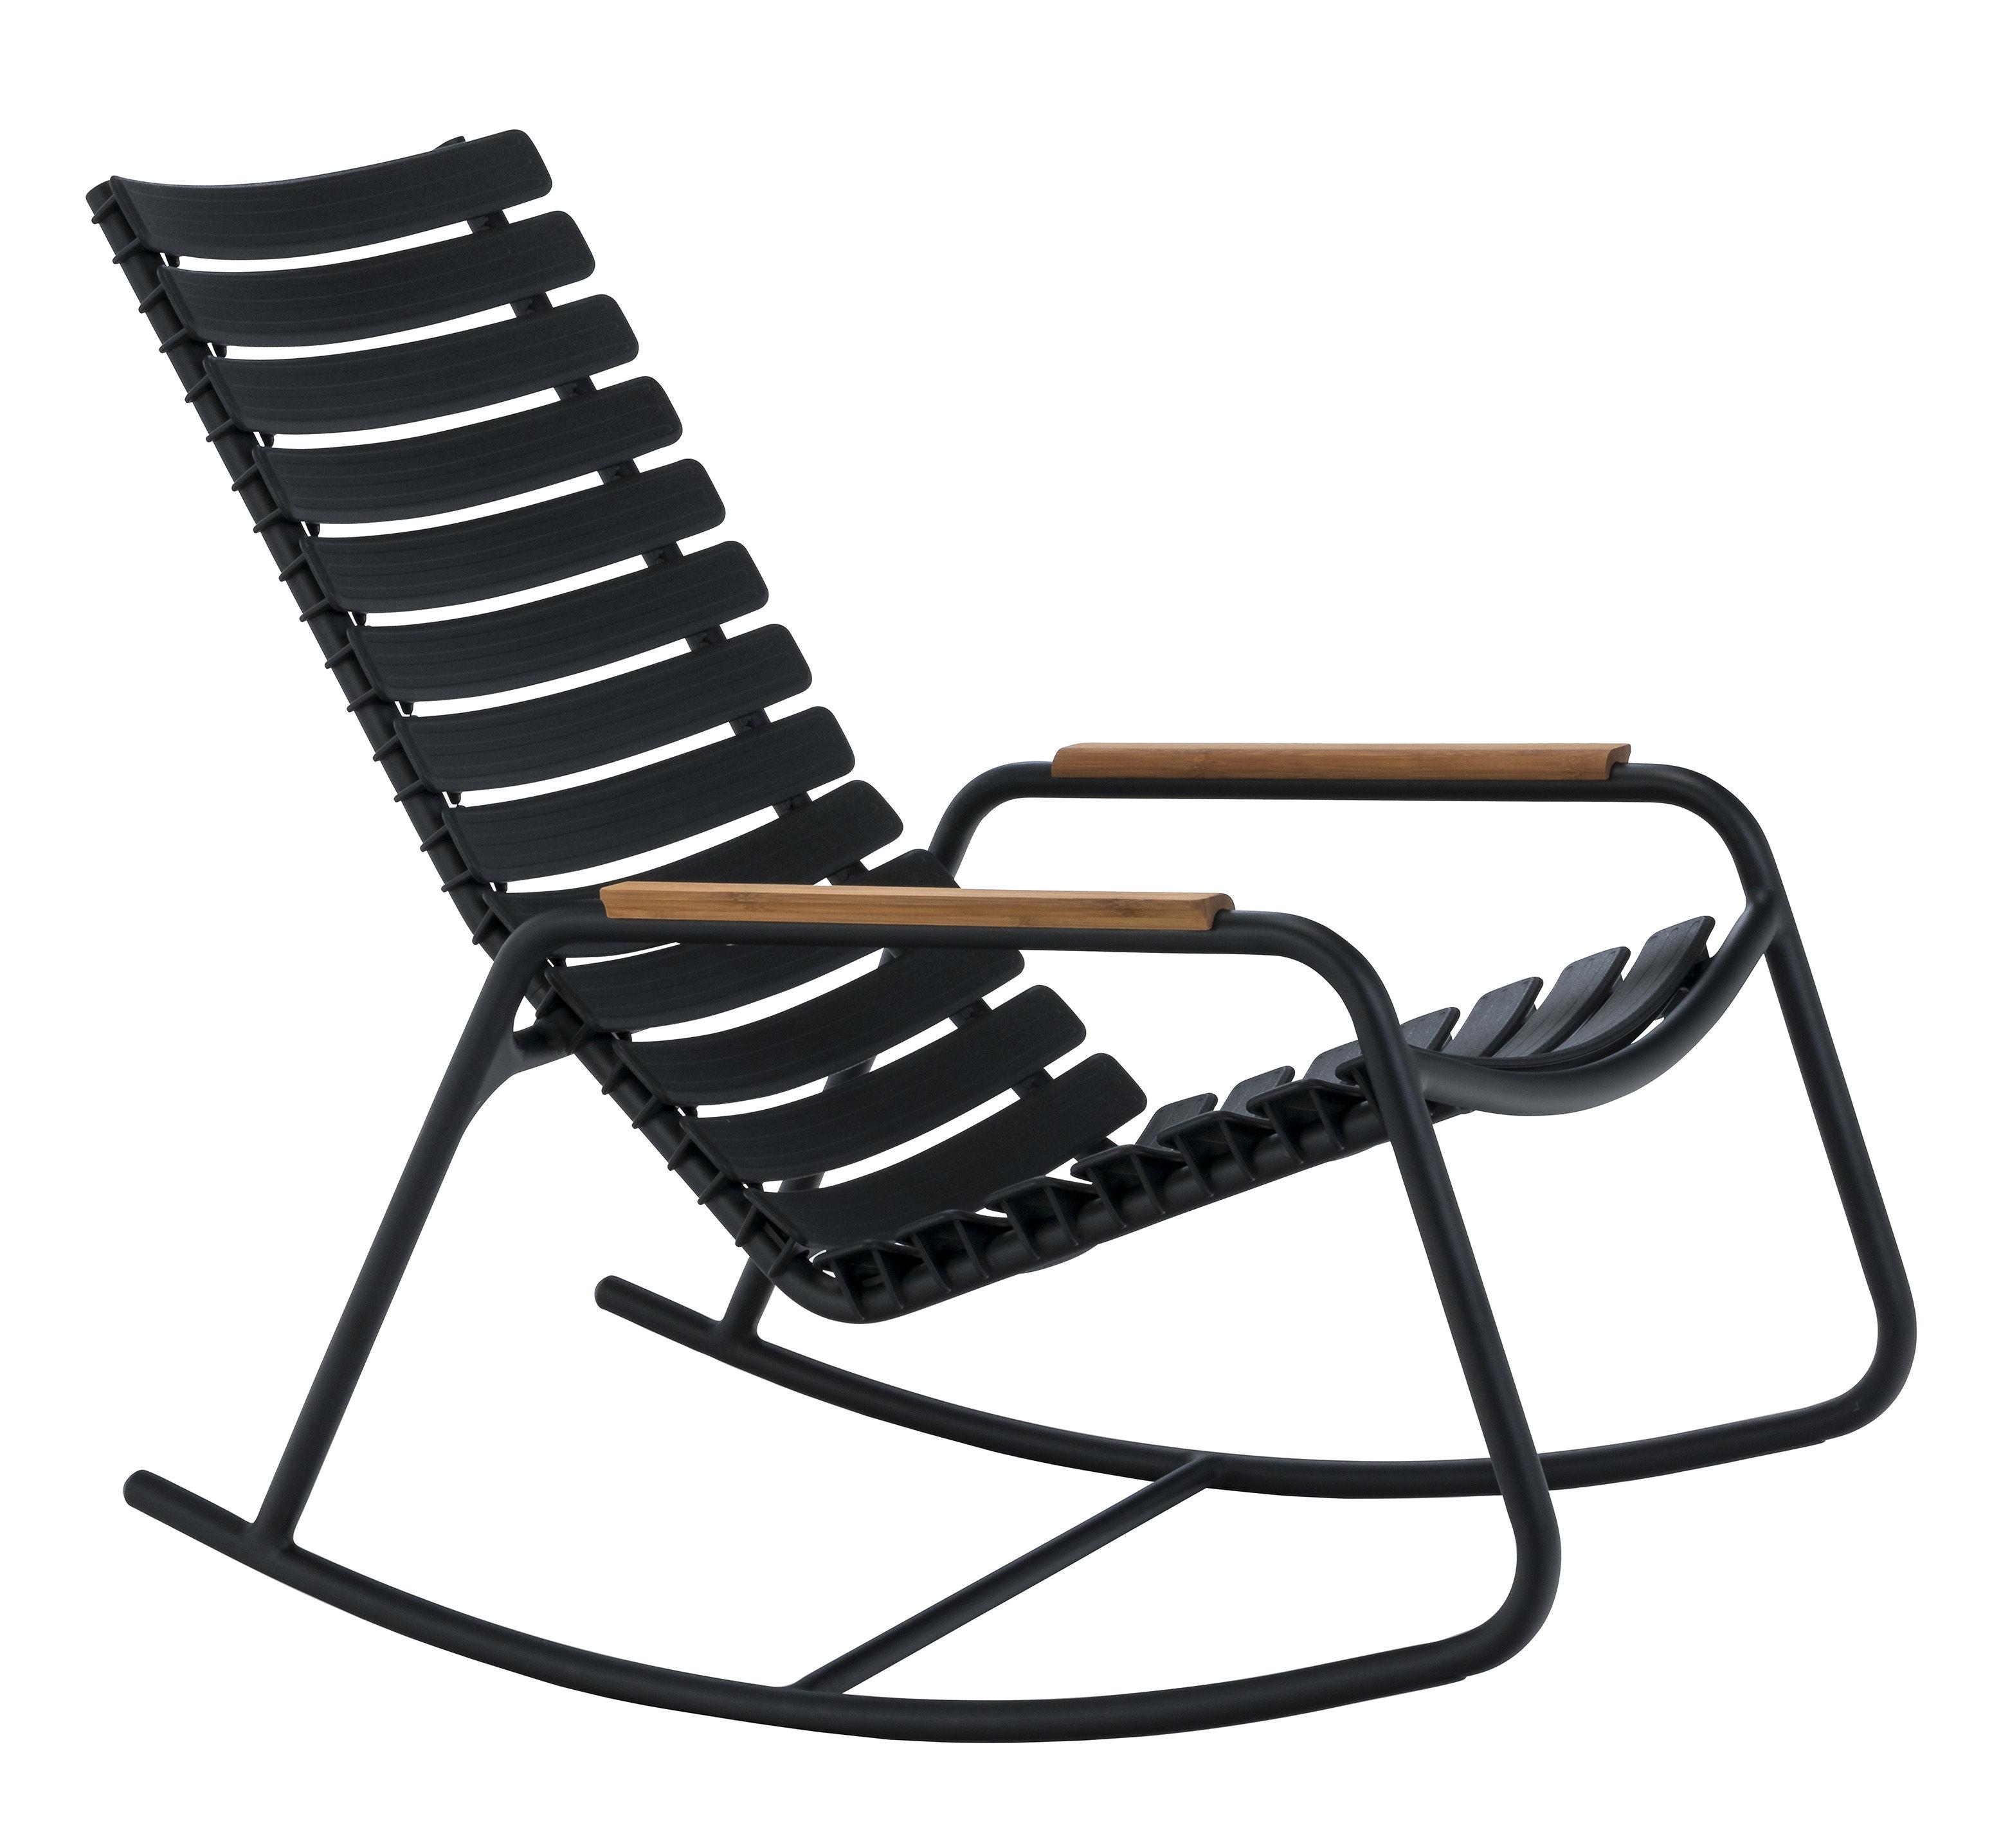 Arredamento - Poltrone design  - Rocking chair Clips - / Plastica & braccioli bambù di Houe - Nero / Bambù - Alluminio, Bambù, Materiale plastico